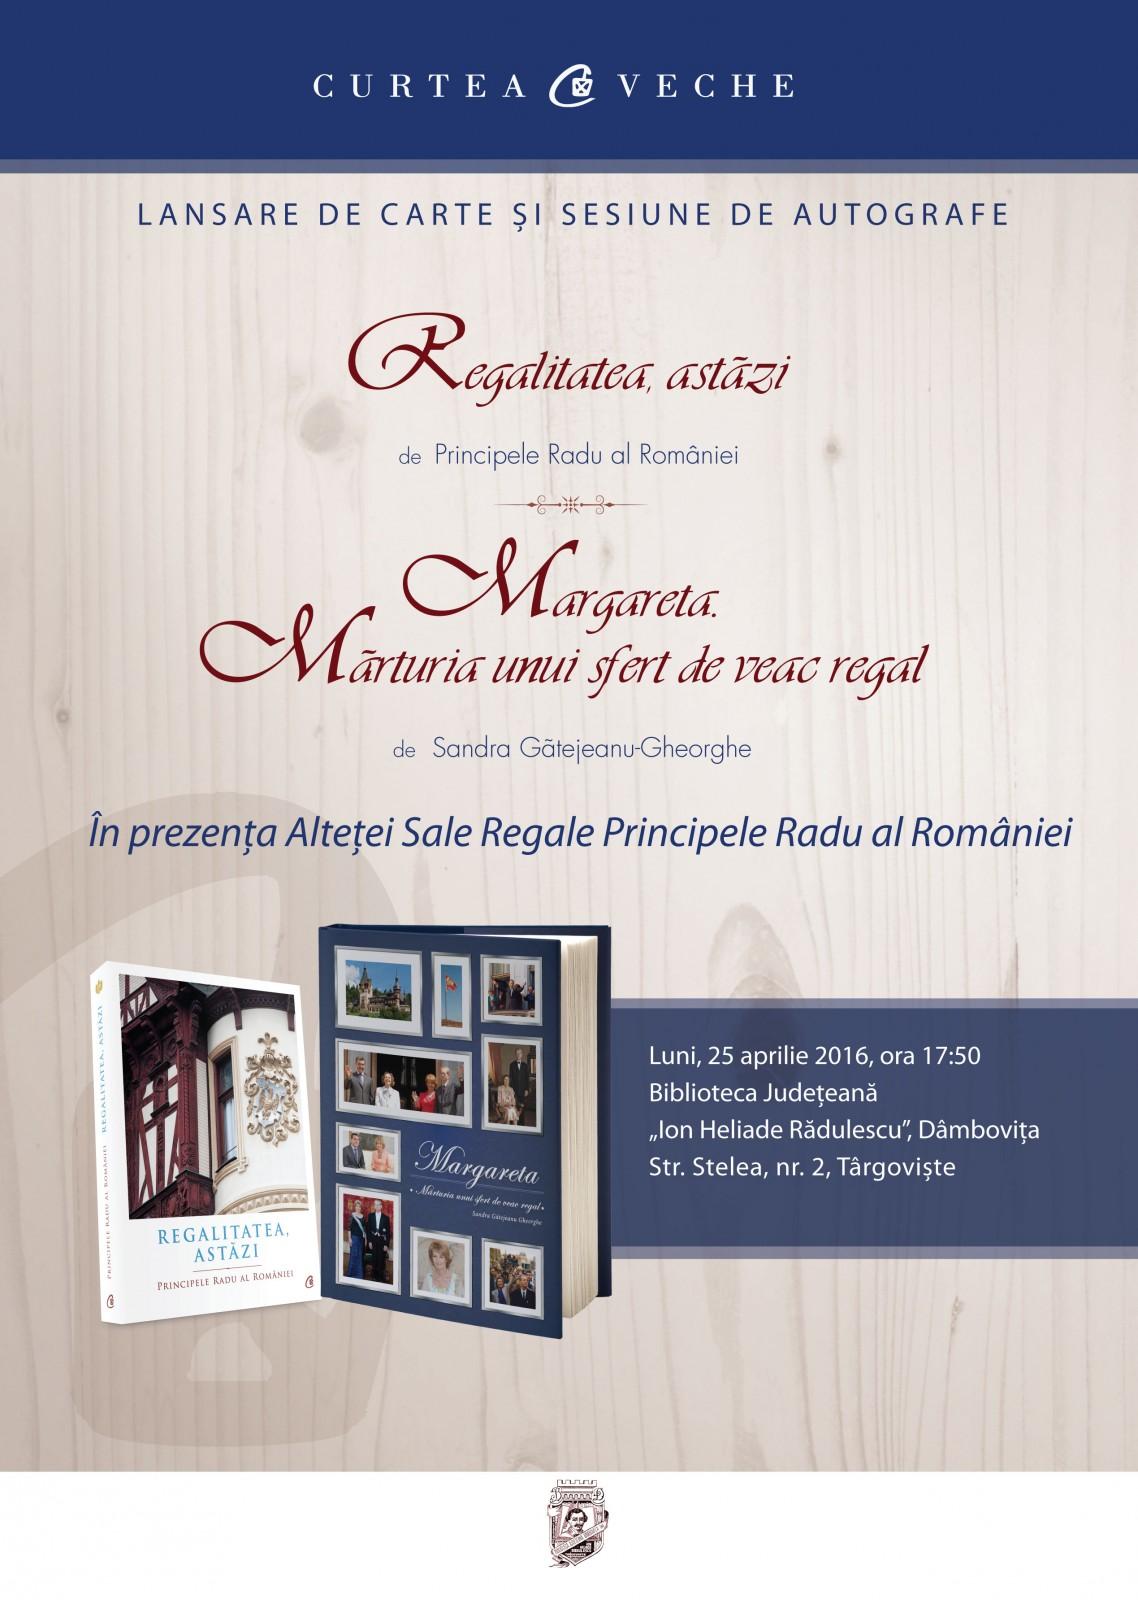 Prezentare de carte regală în prezența  ASR Principele Radu al României la Târgoviște